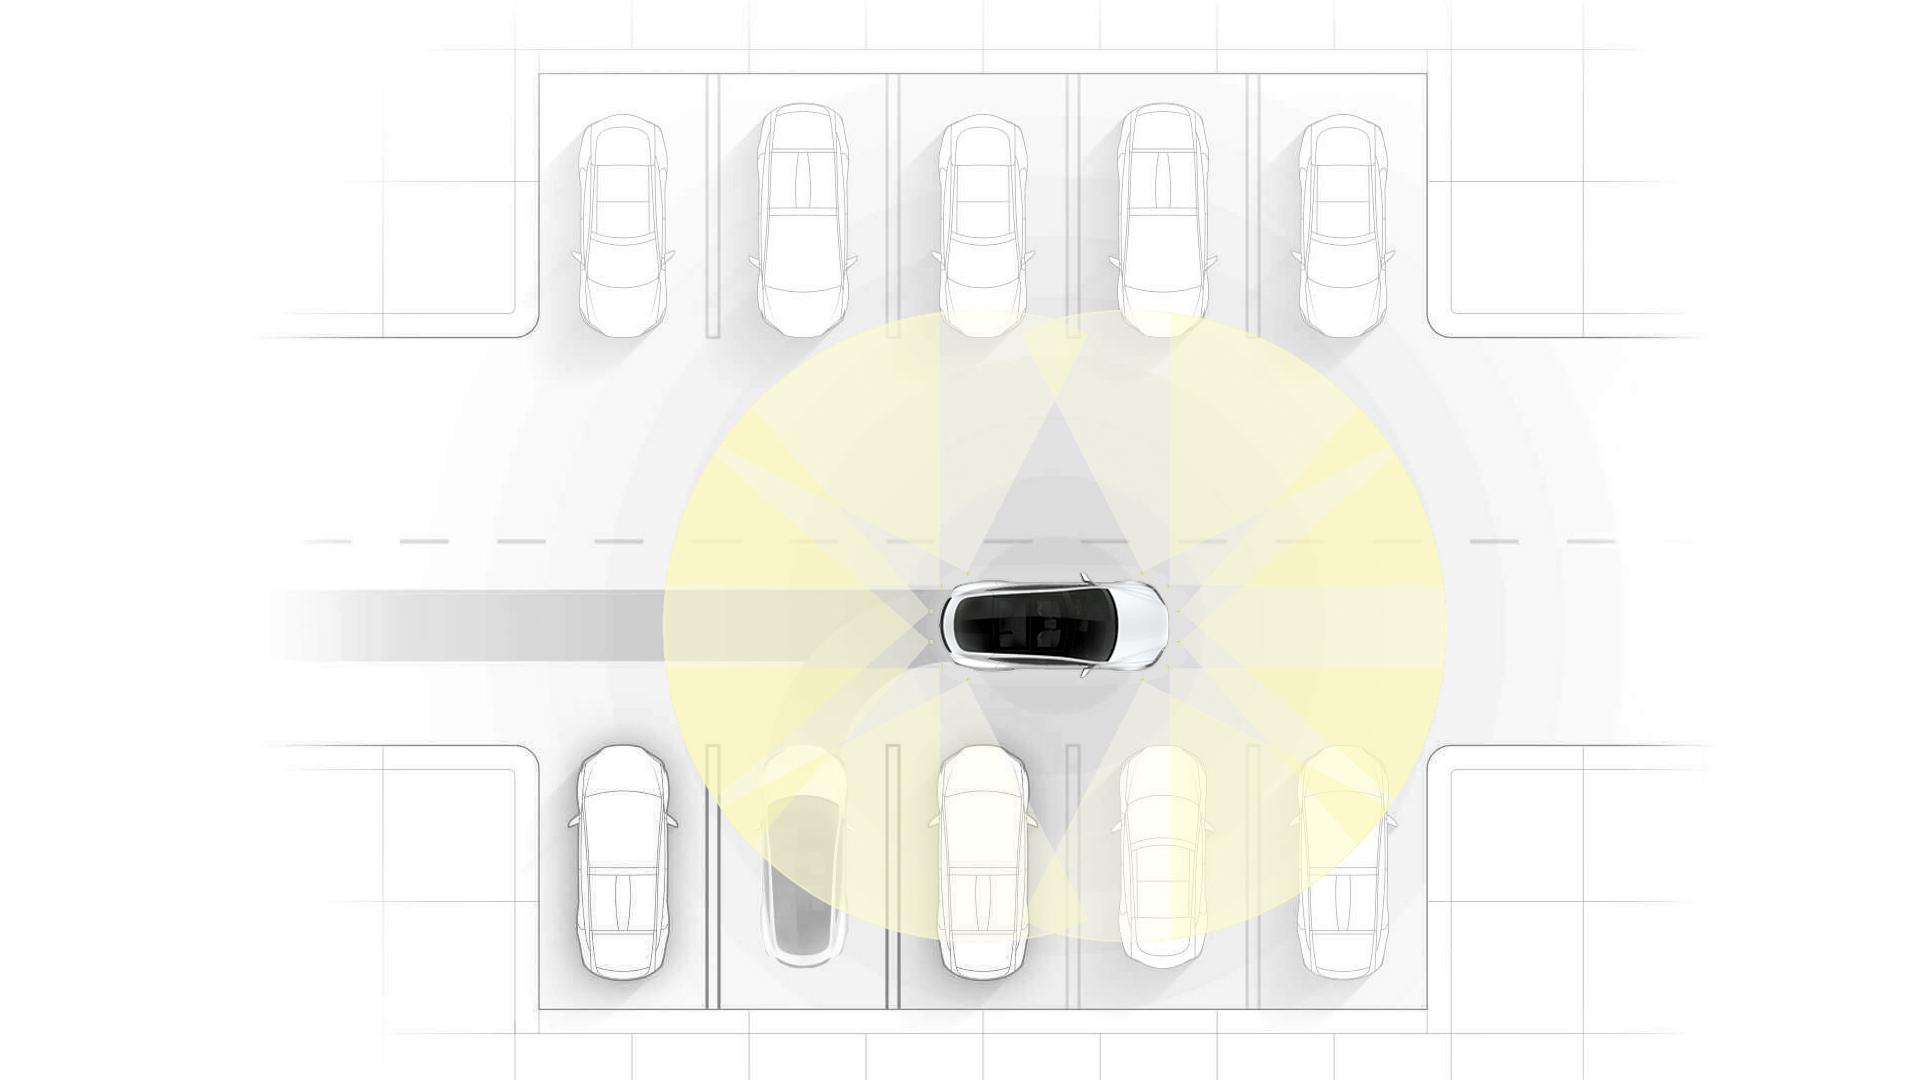 馬斯克承諾特斯拉 FSD 選配將會有專屬「環景系統」功能